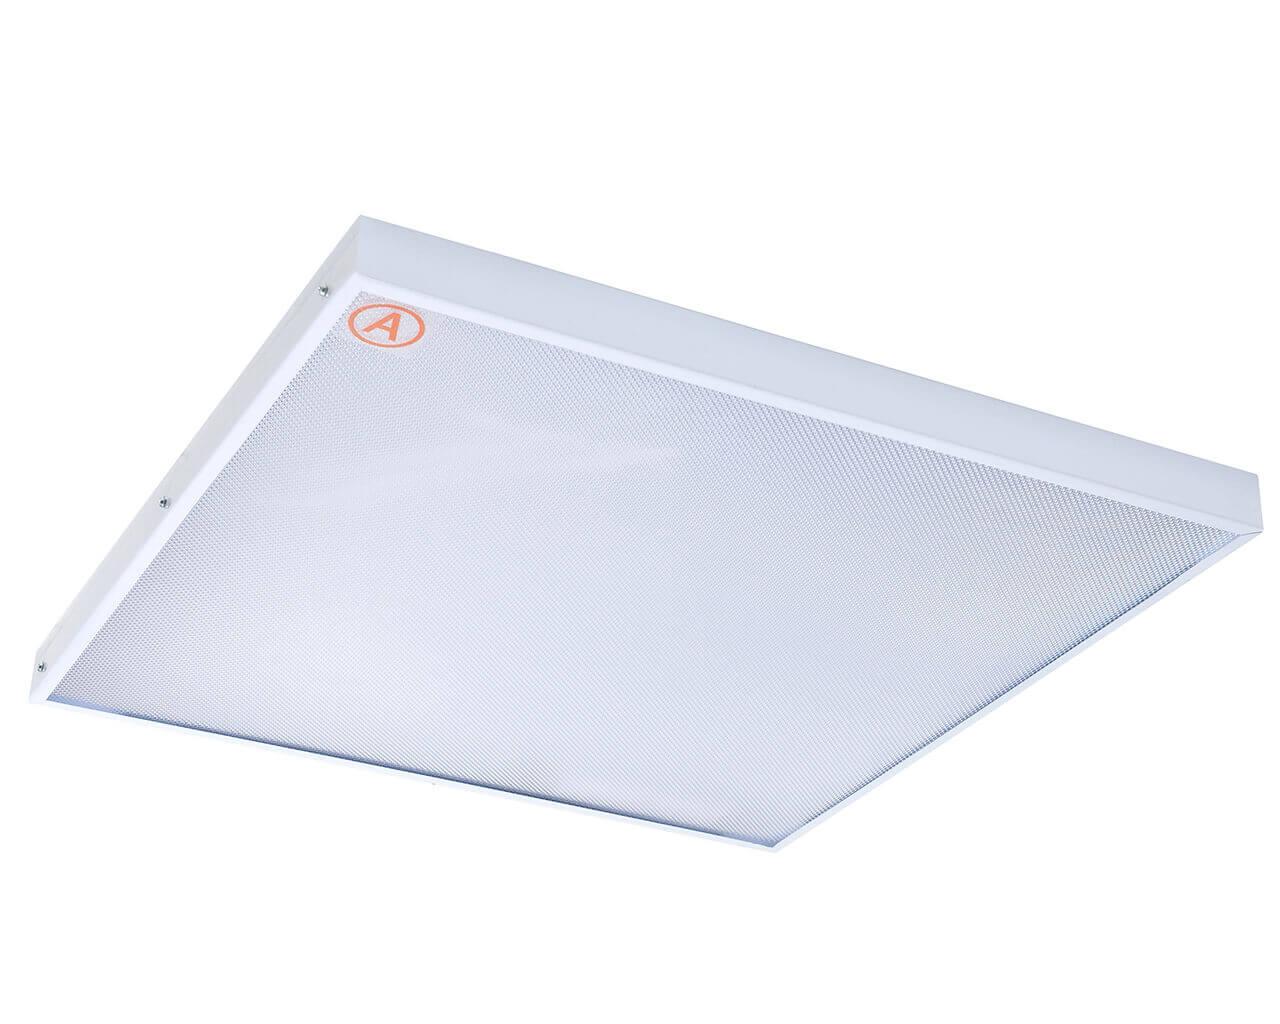 Универсальный светильник LC-US-40-WW ватт 595x595 Теплый белый Призма с Бап-1 час